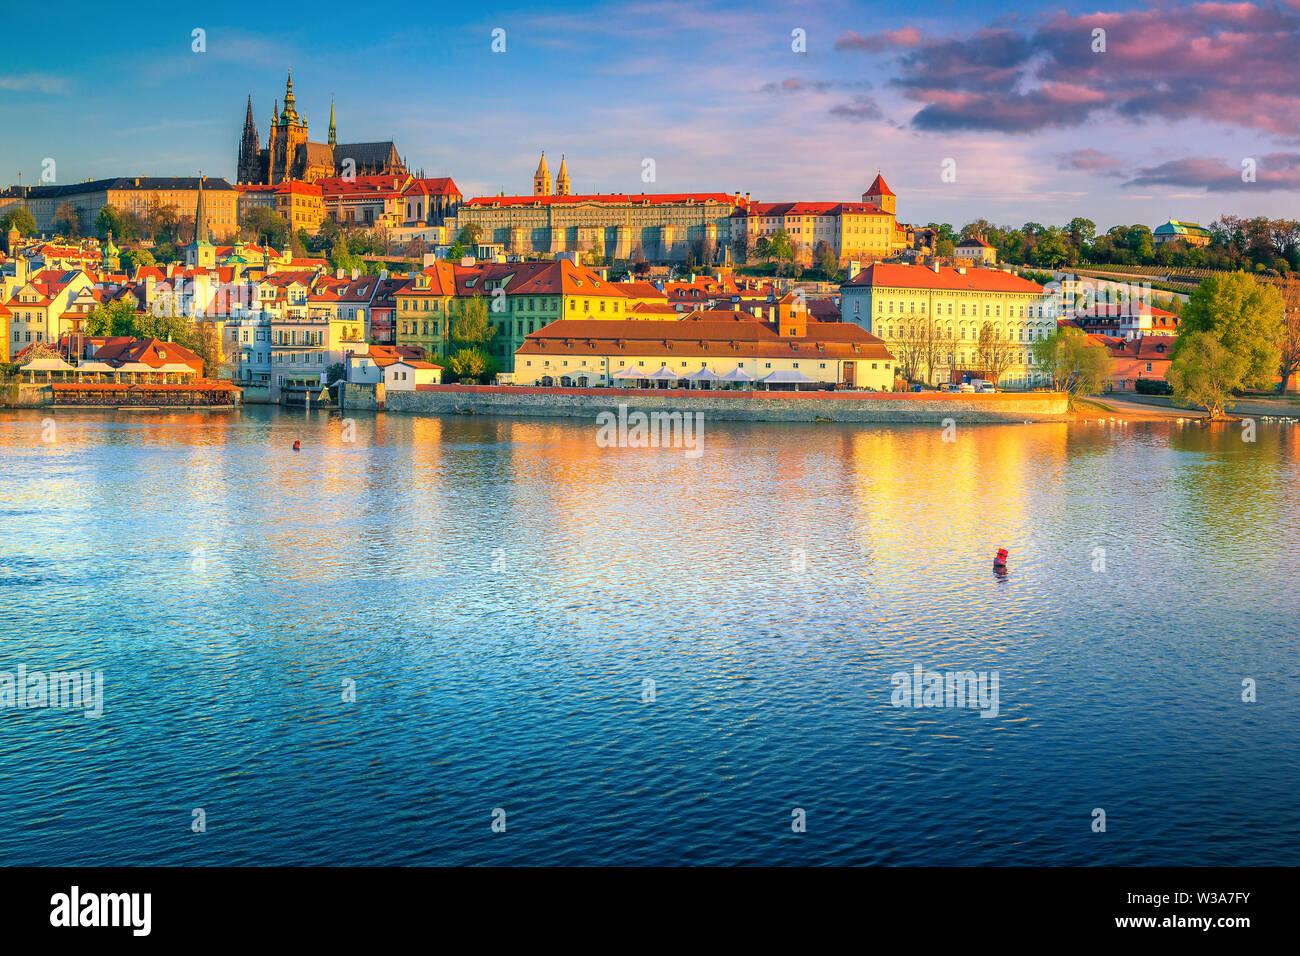 Popular travel and touristic destination. Fantastic Prague castle with famous medieval church at colorful sunrise, Prague cityscape, Czech Republic, E - Stock Image